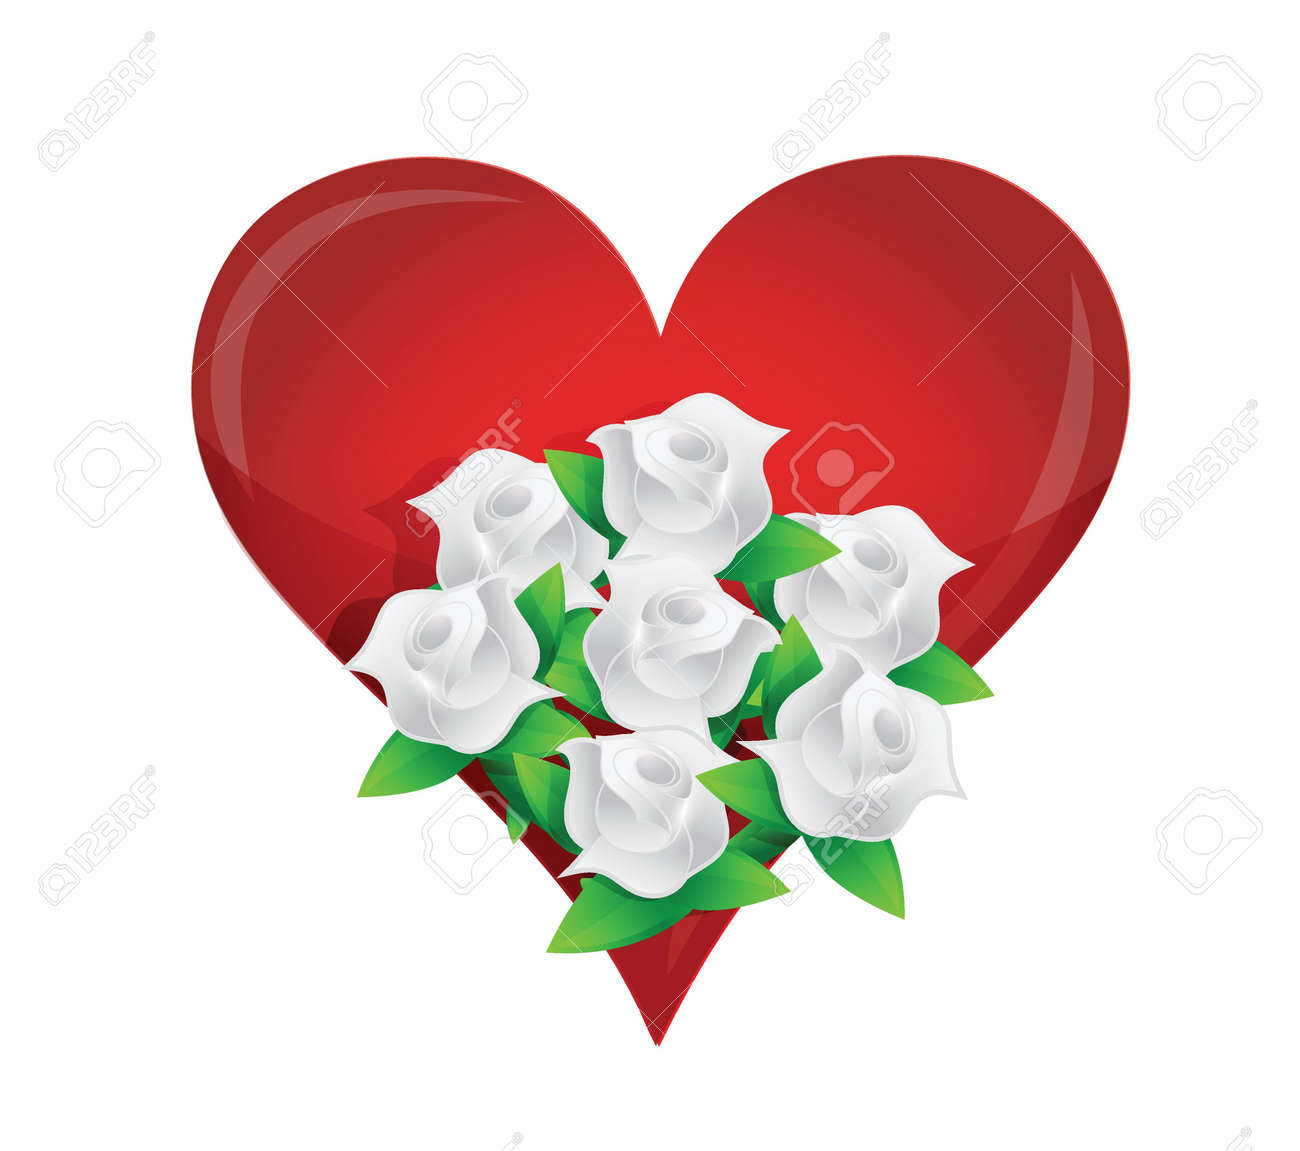 Herz Weisse Blume Hochzeitsstrauss Illustration Design In Weiss